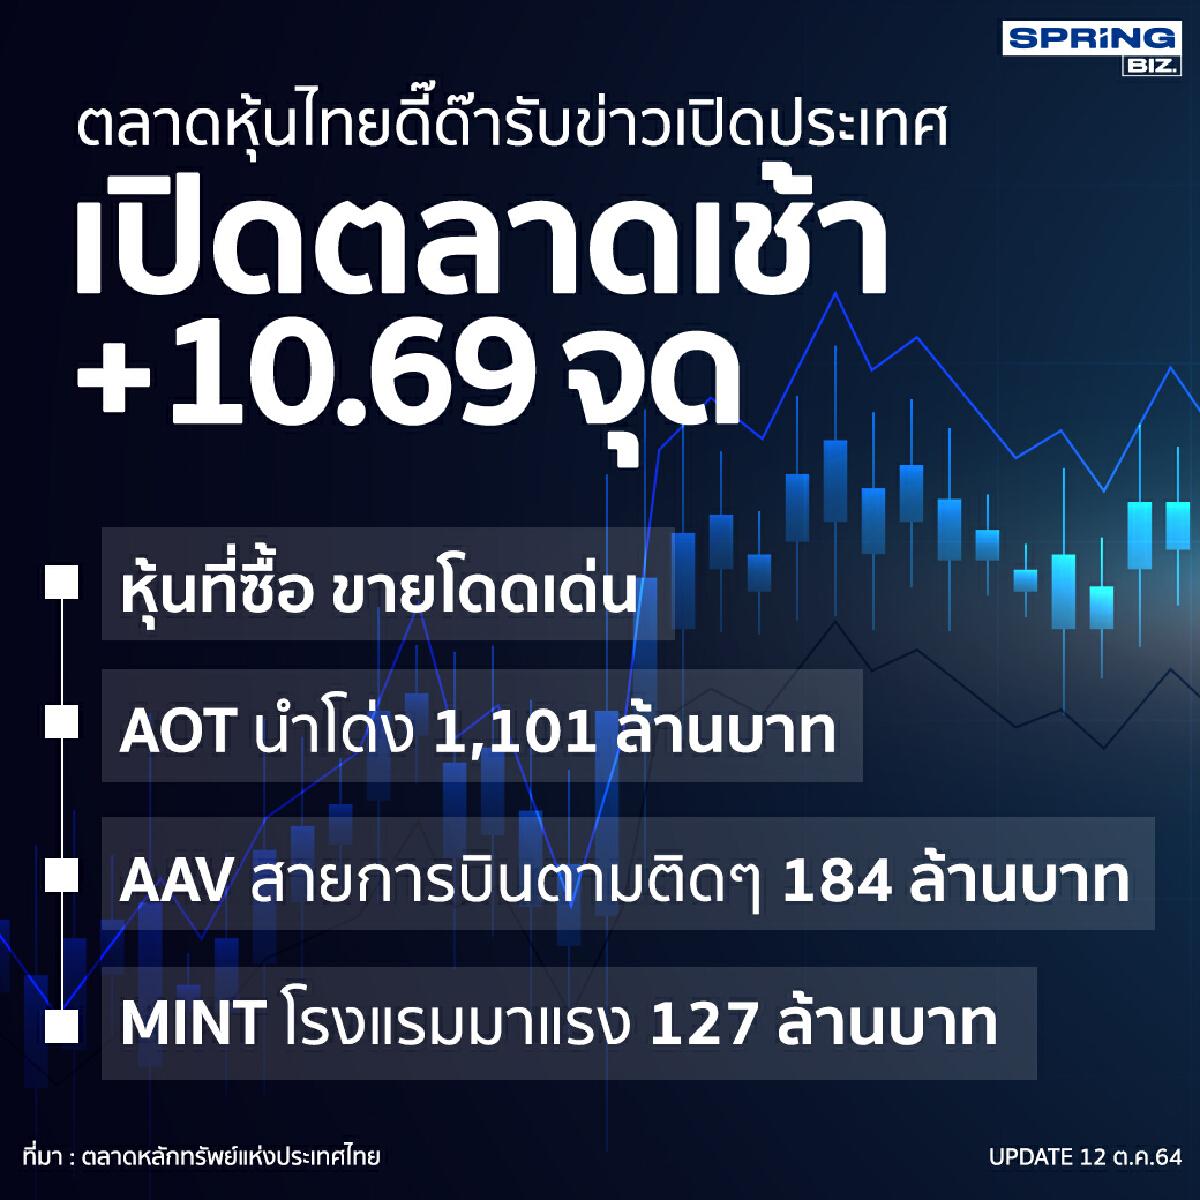 หุ้นไทยเช้านี้เด้งรับข่าวเปิดประเทศ